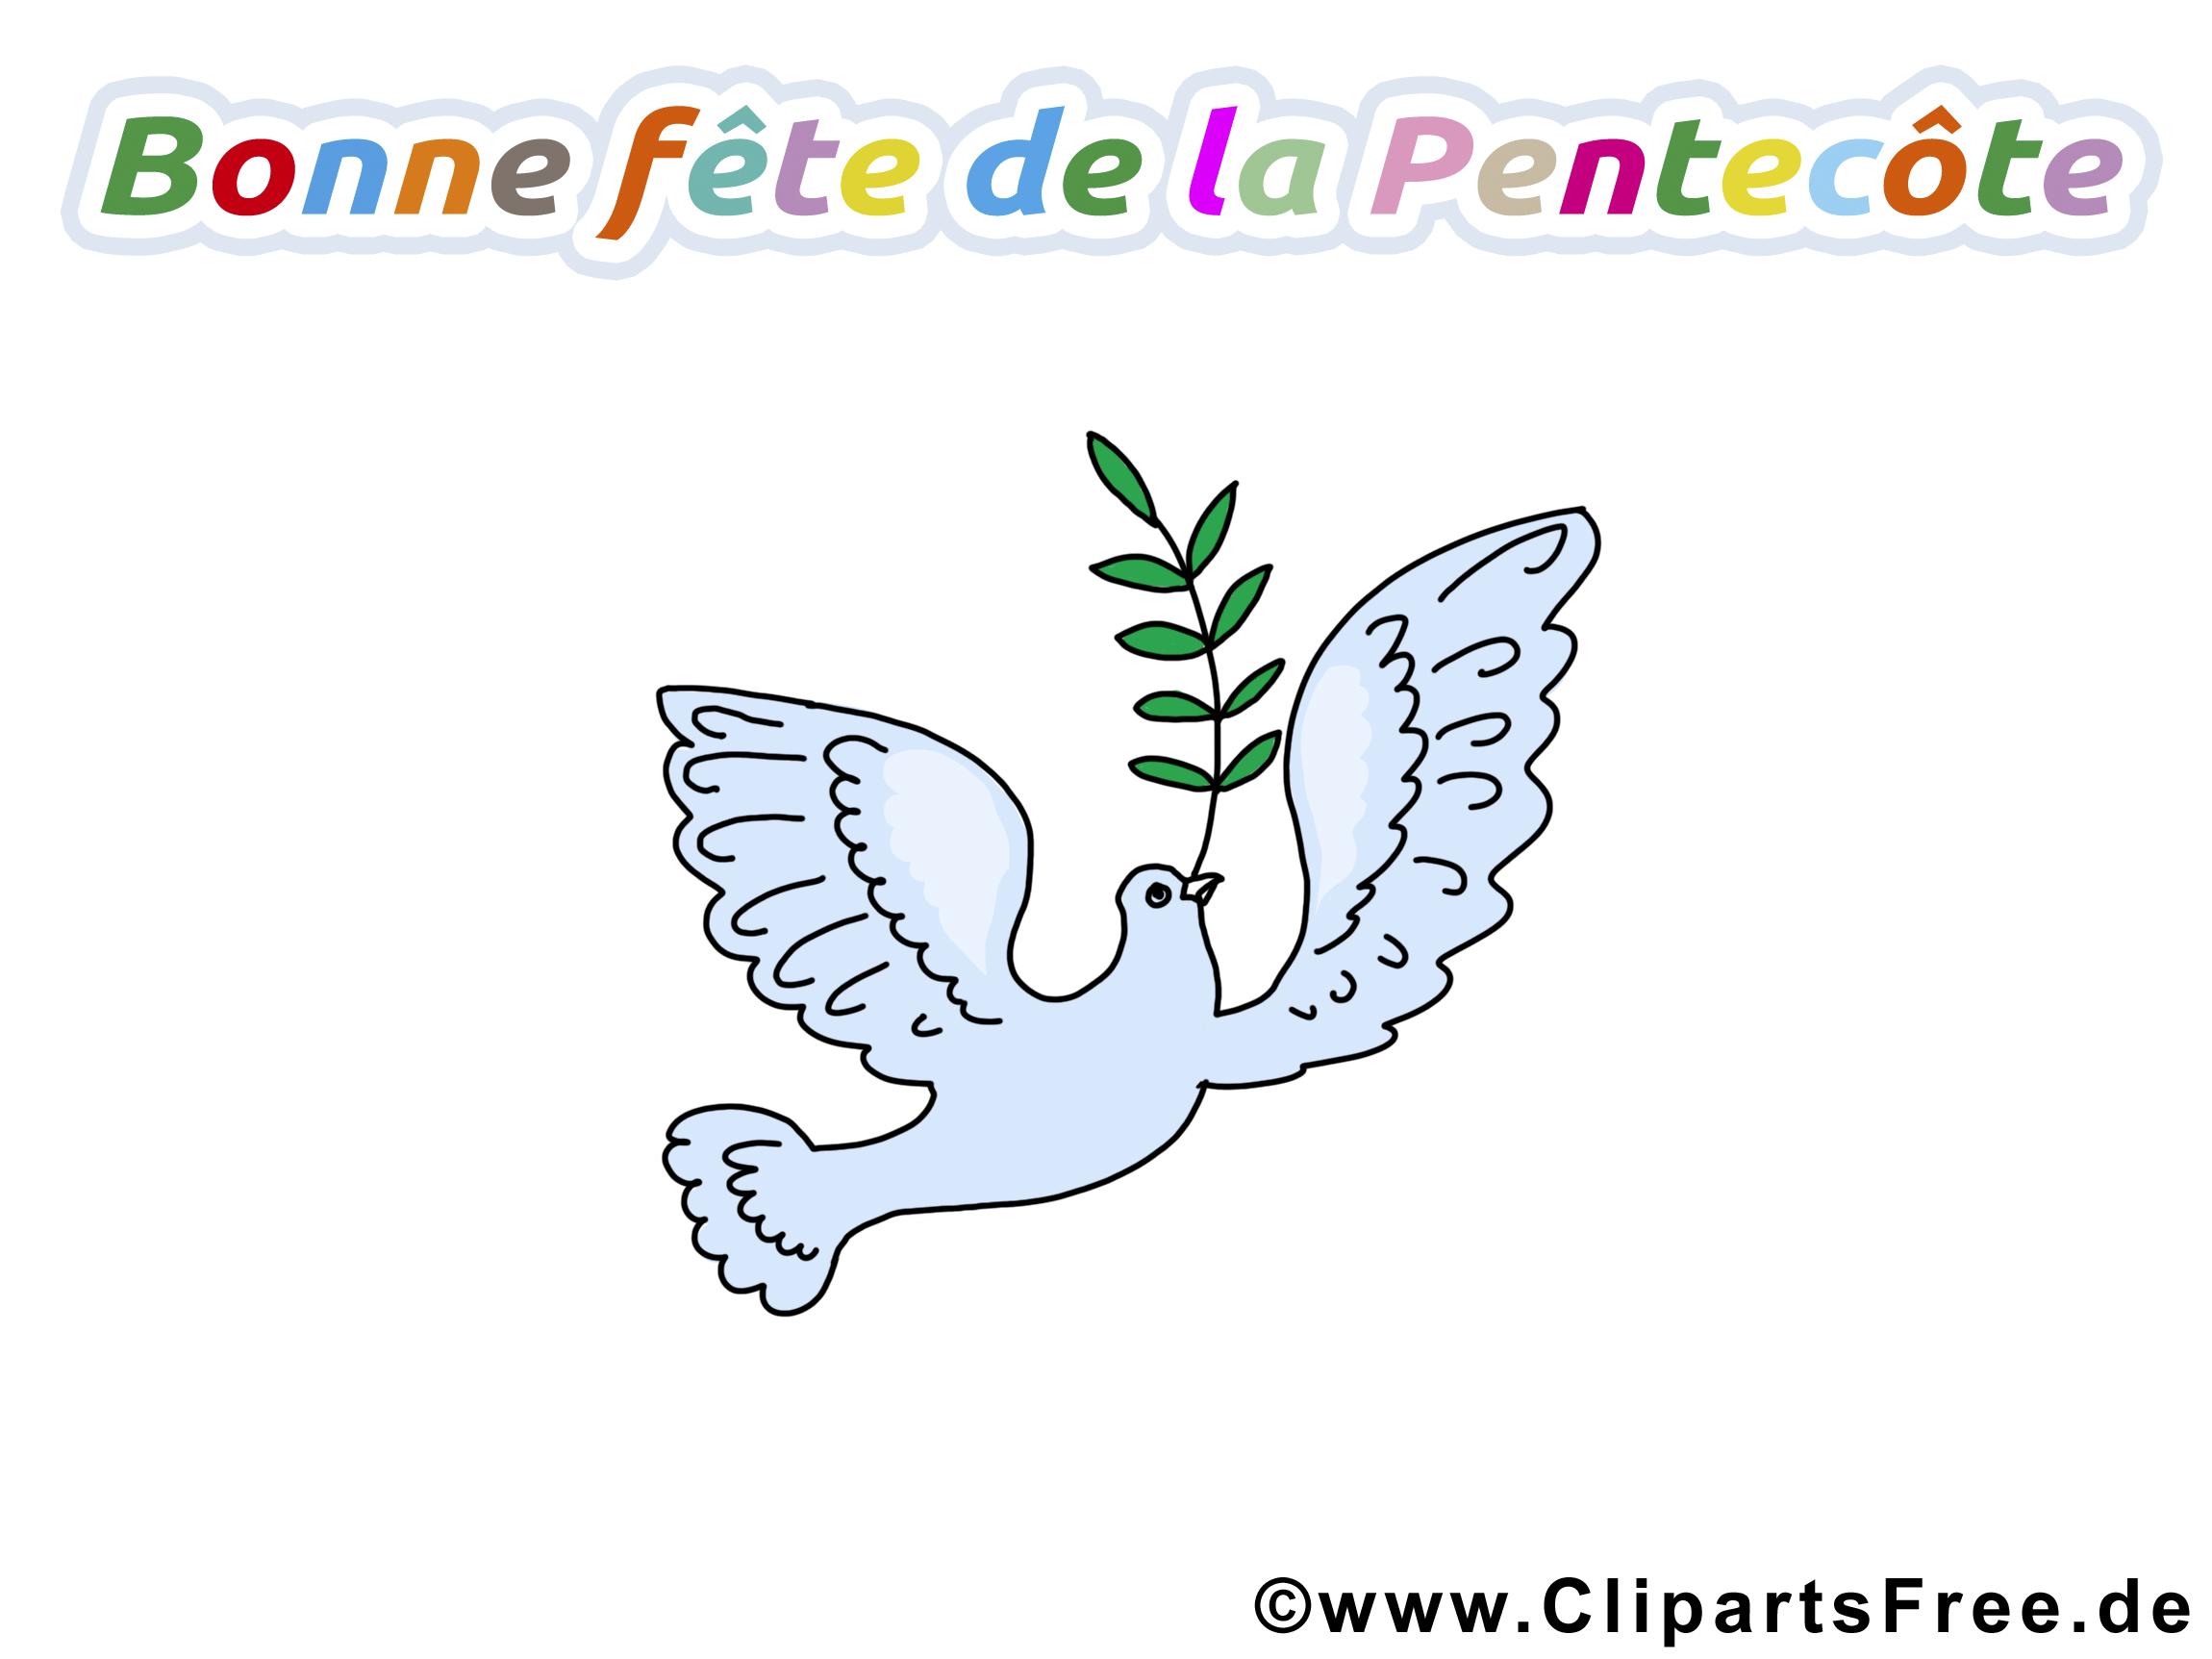 Feuille d'olivier image gratuite - Pentecôte images